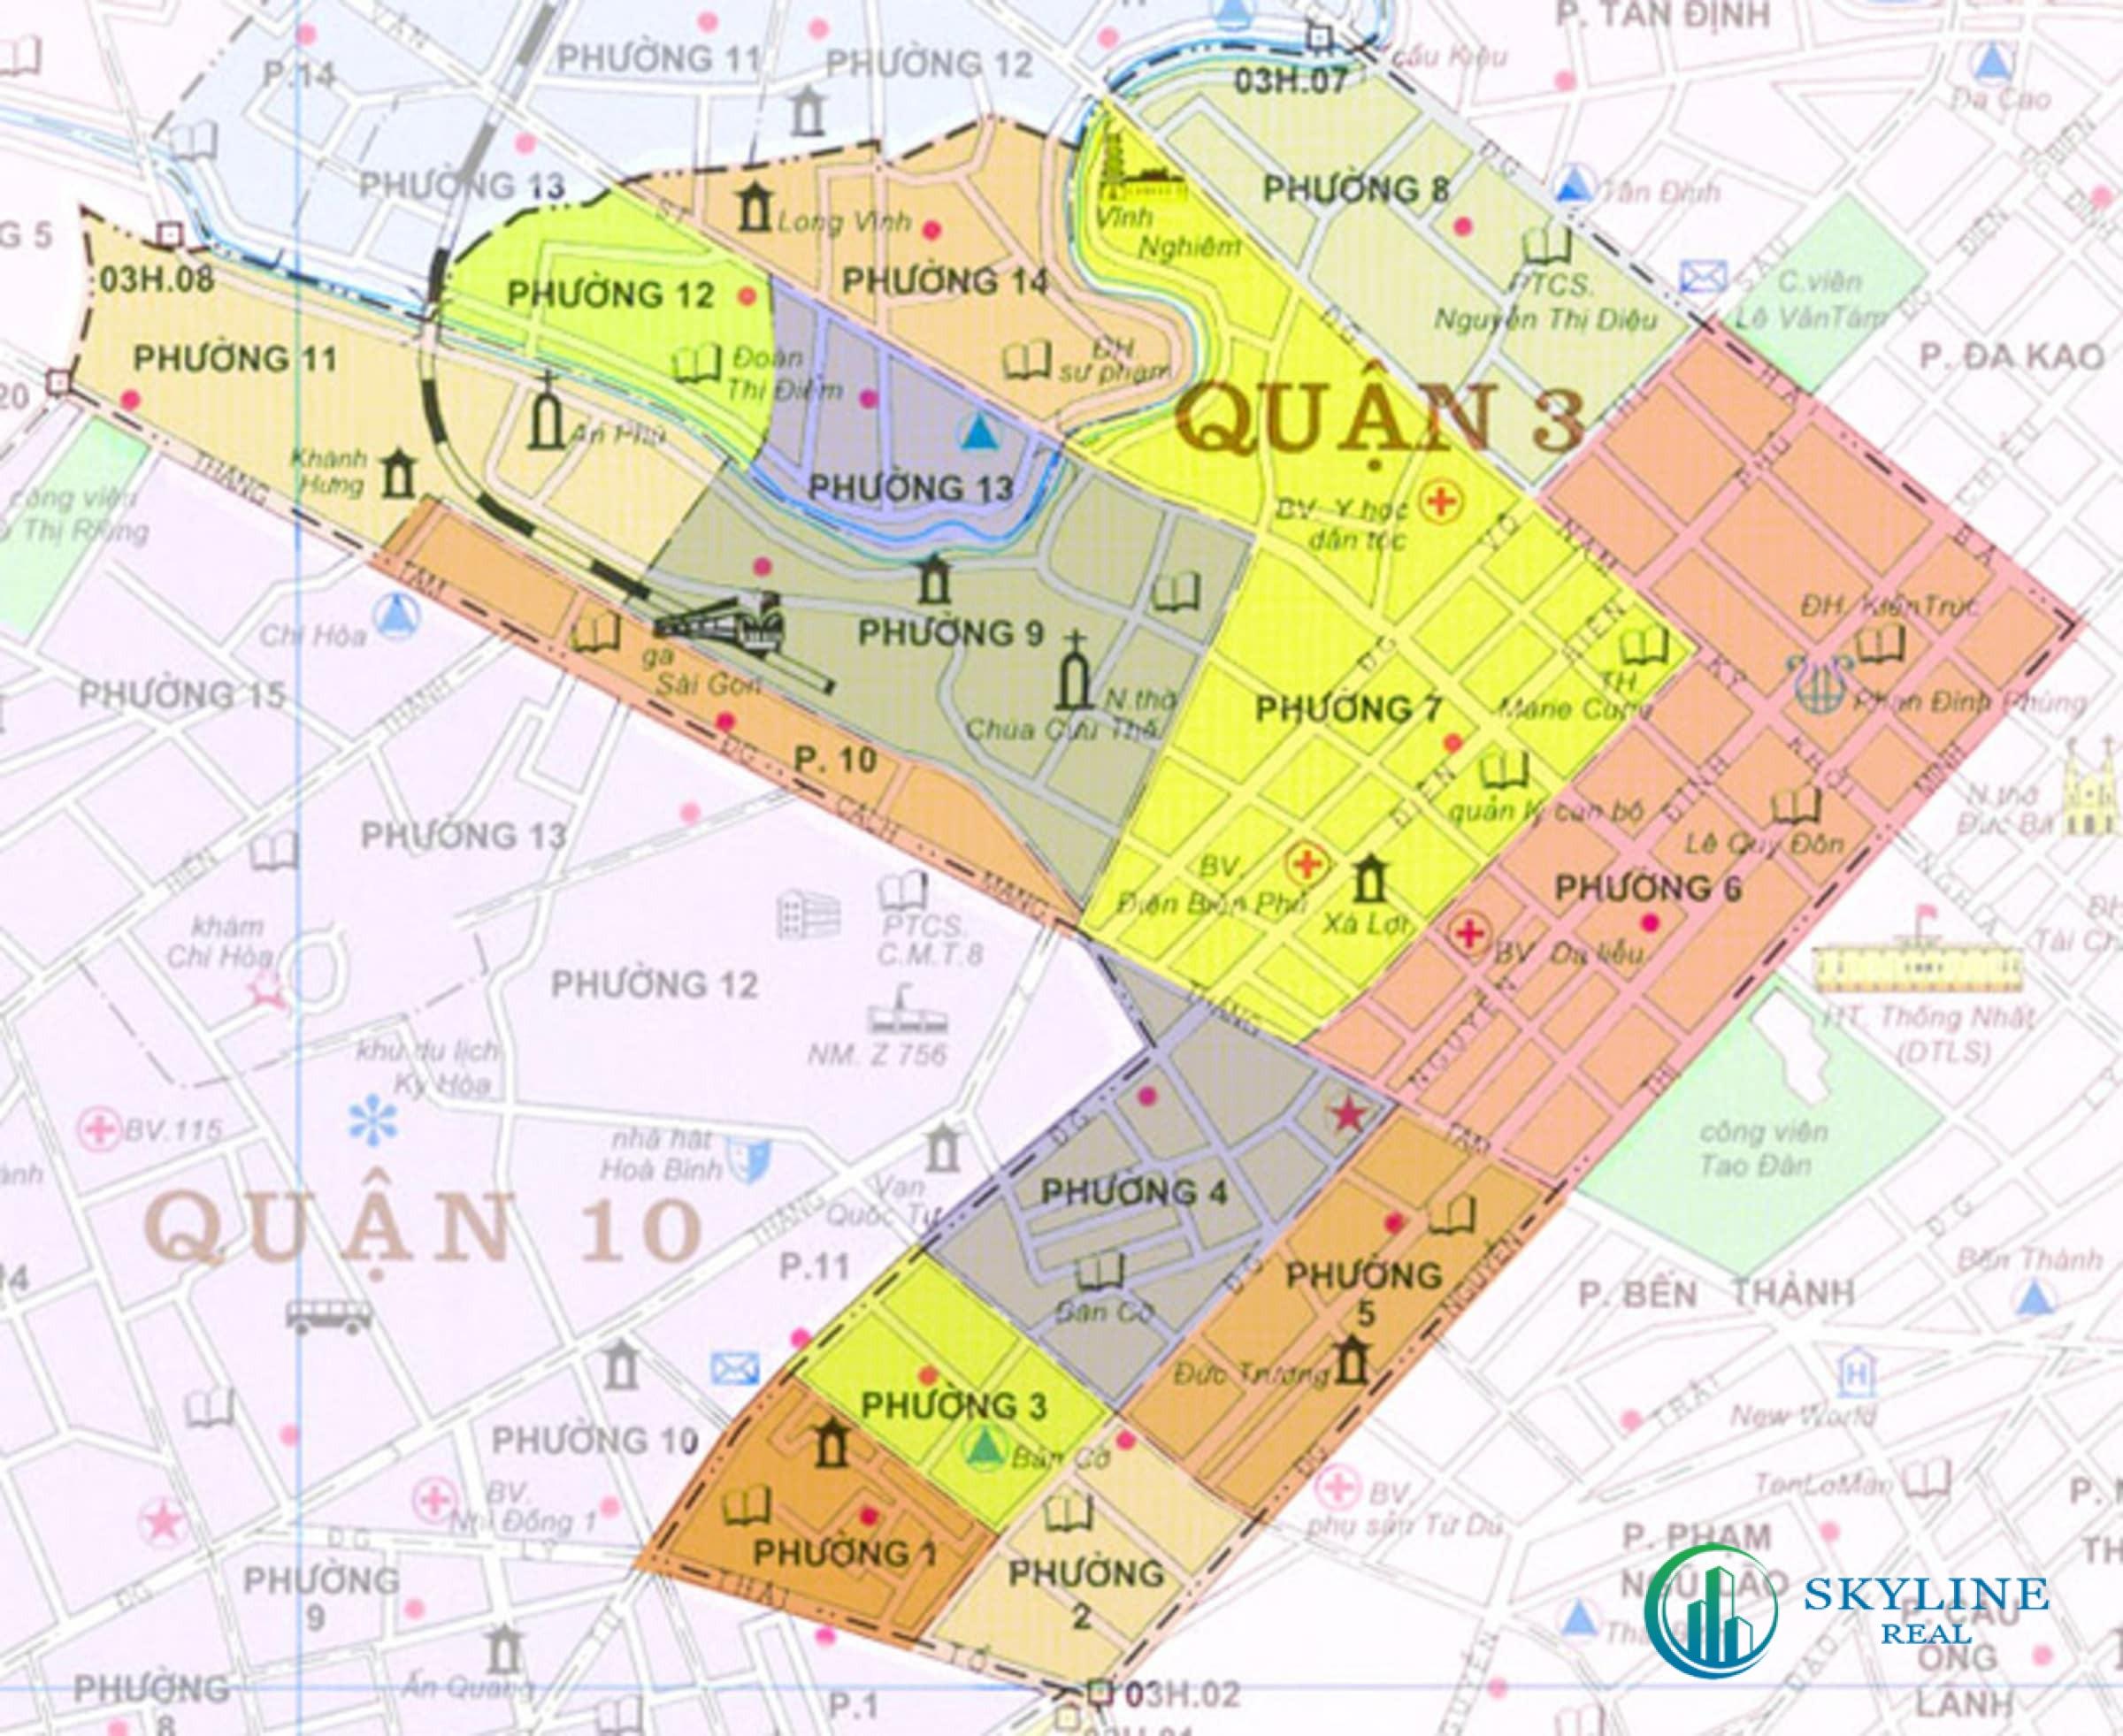 Bản đồ Quận 3 quy hoạch chi tiết tháng 06/2021